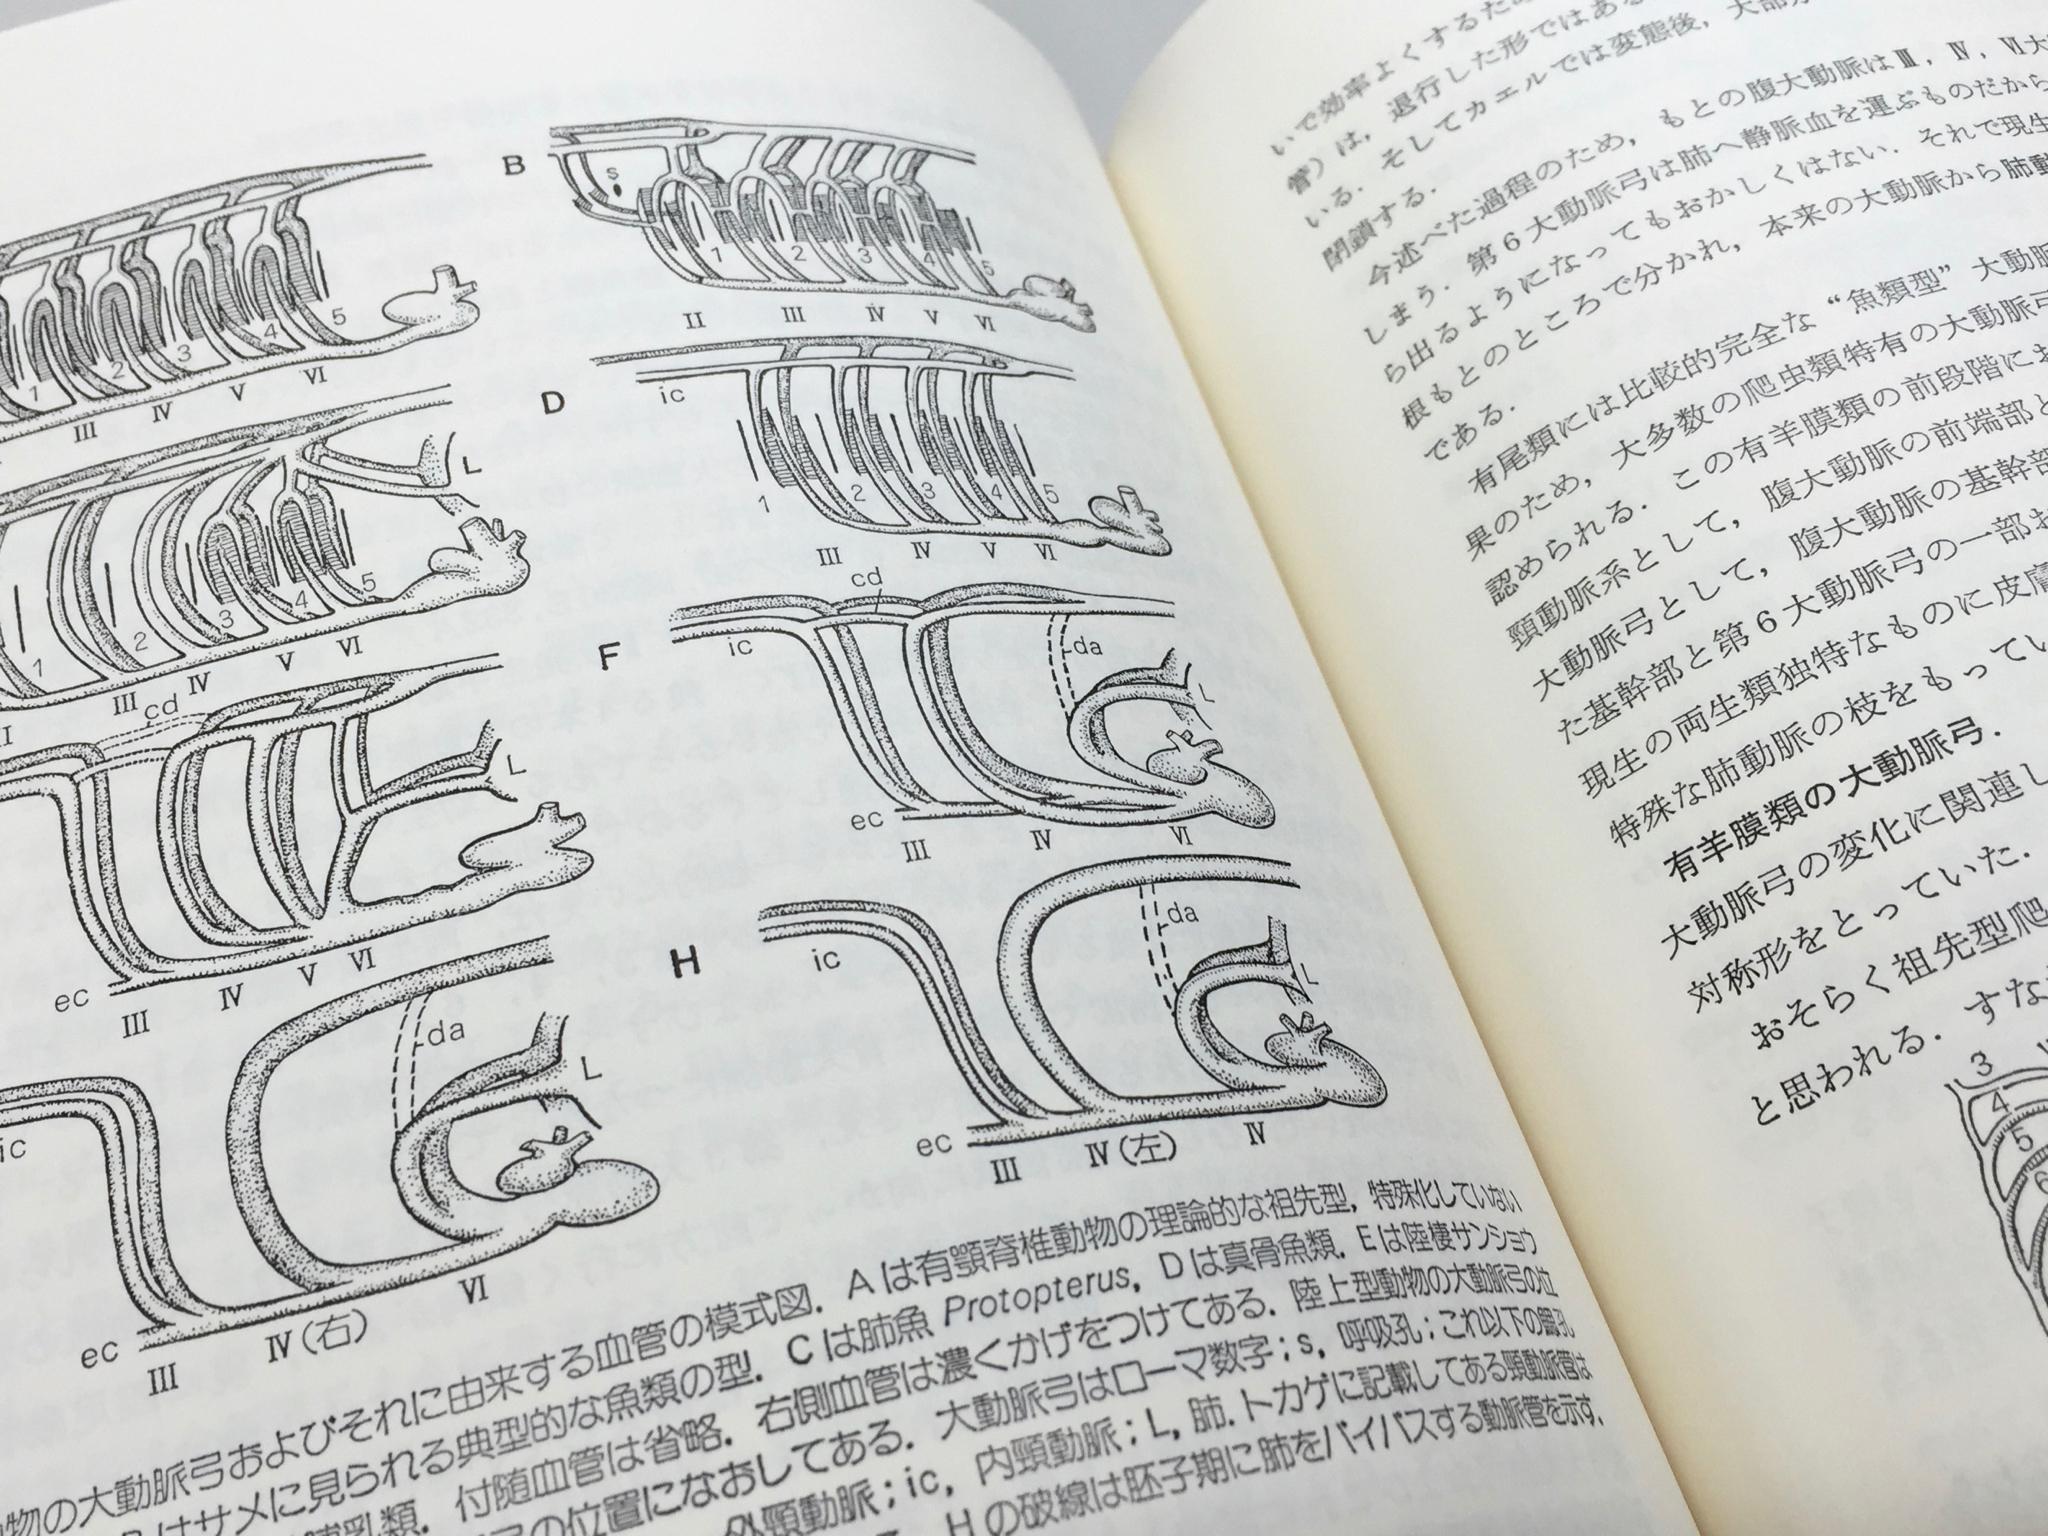 日本語版の紙面。活版印刷だったのをスキャンしたようだ。